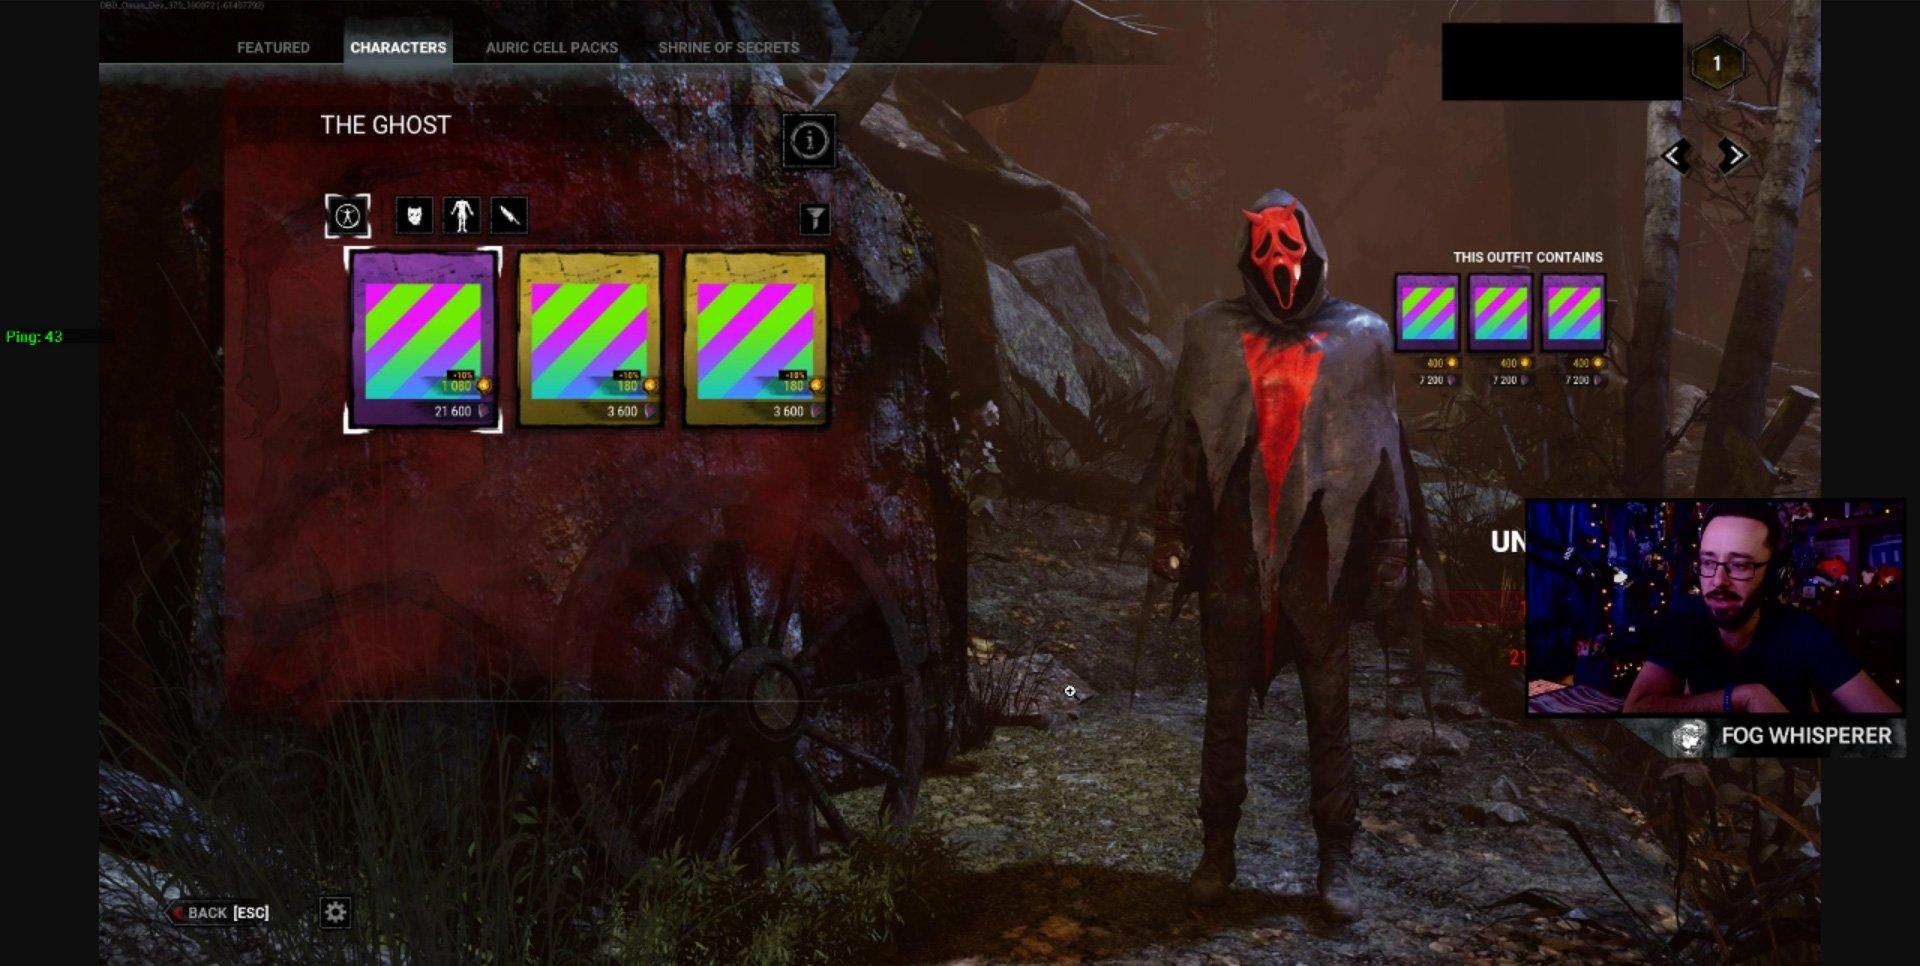 Dead by Daylight Ghostface alternate skin